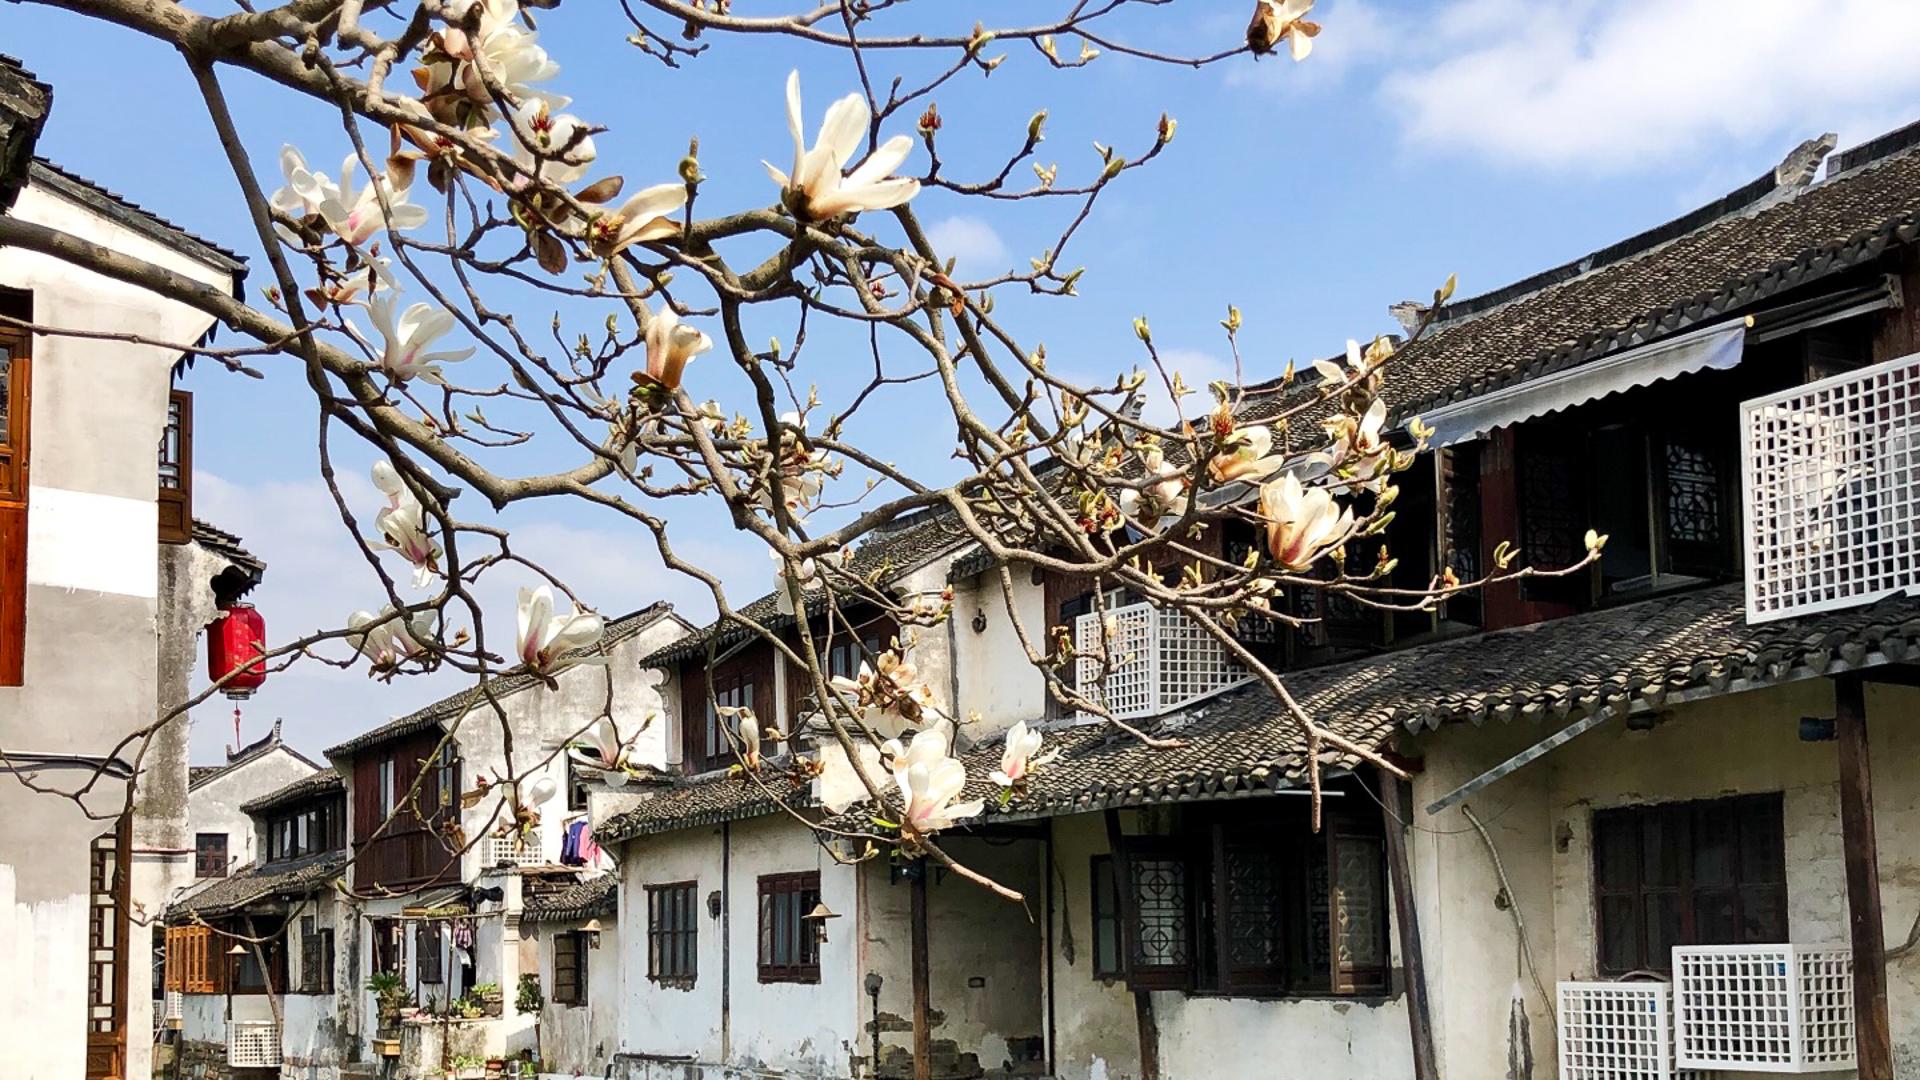 和十年前相比,江南第一水乡只剩下建筑群,古朴的气息早已消散